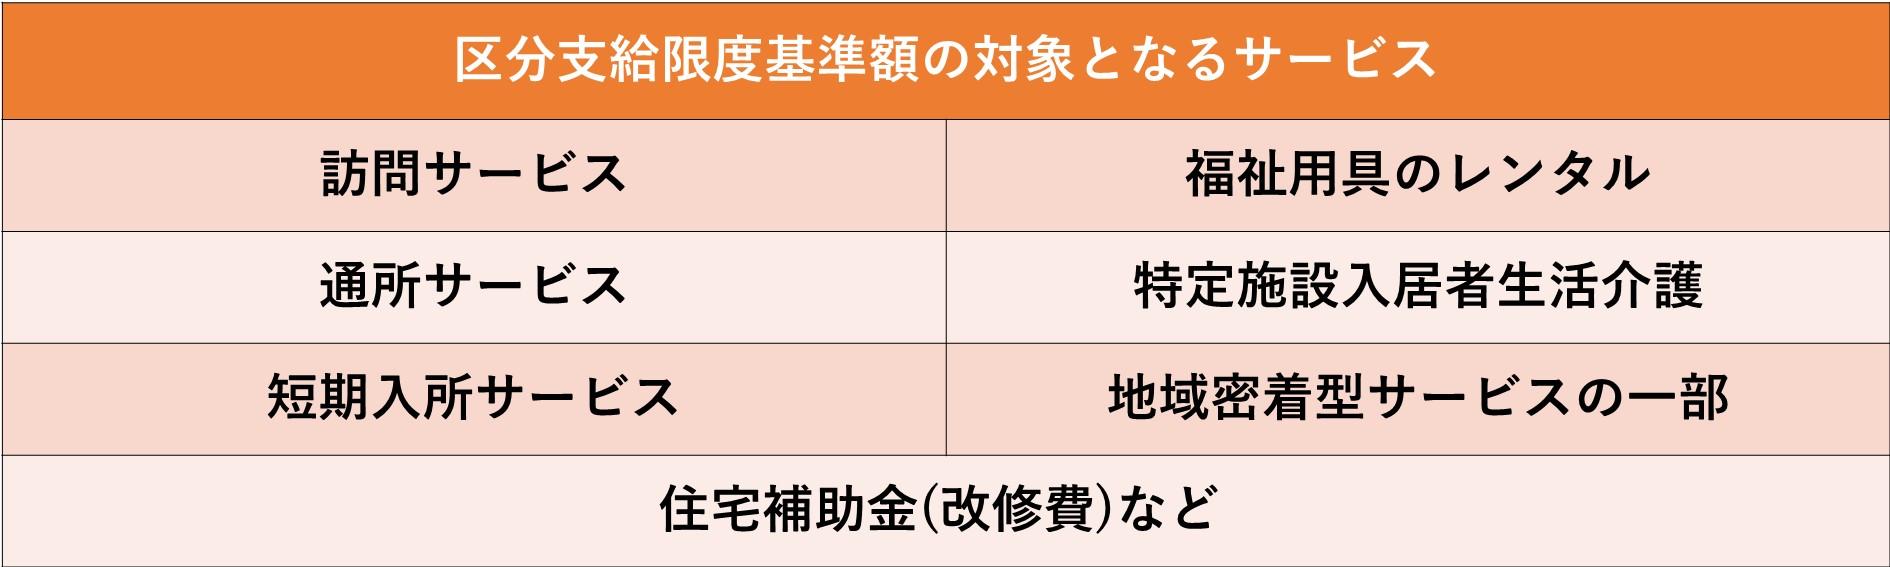 区分支給限度基準額の対象となるサービスの図表